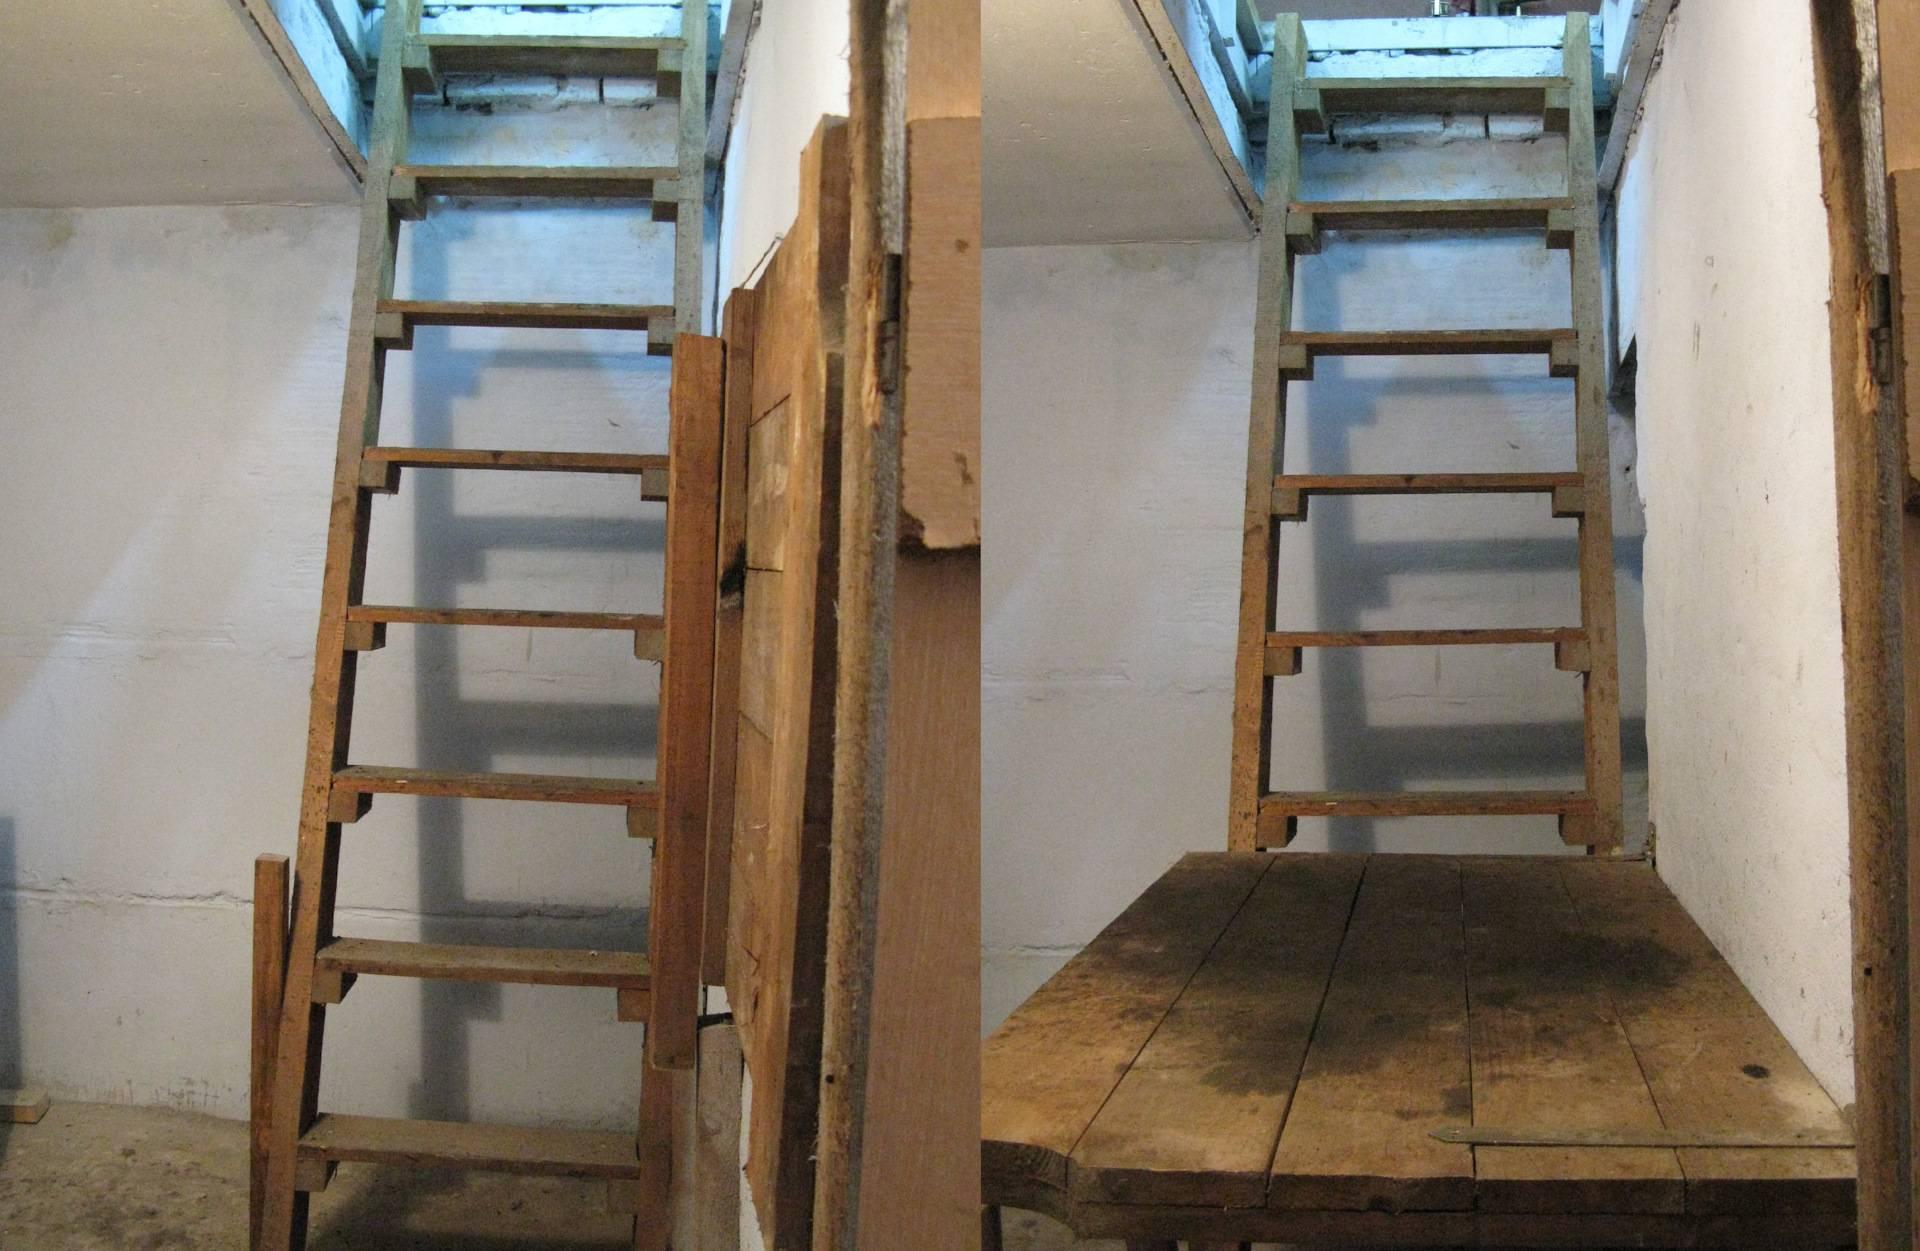 Лестница в подвал (погреб) своими руками: вариант конструкций и инструкция по строительству